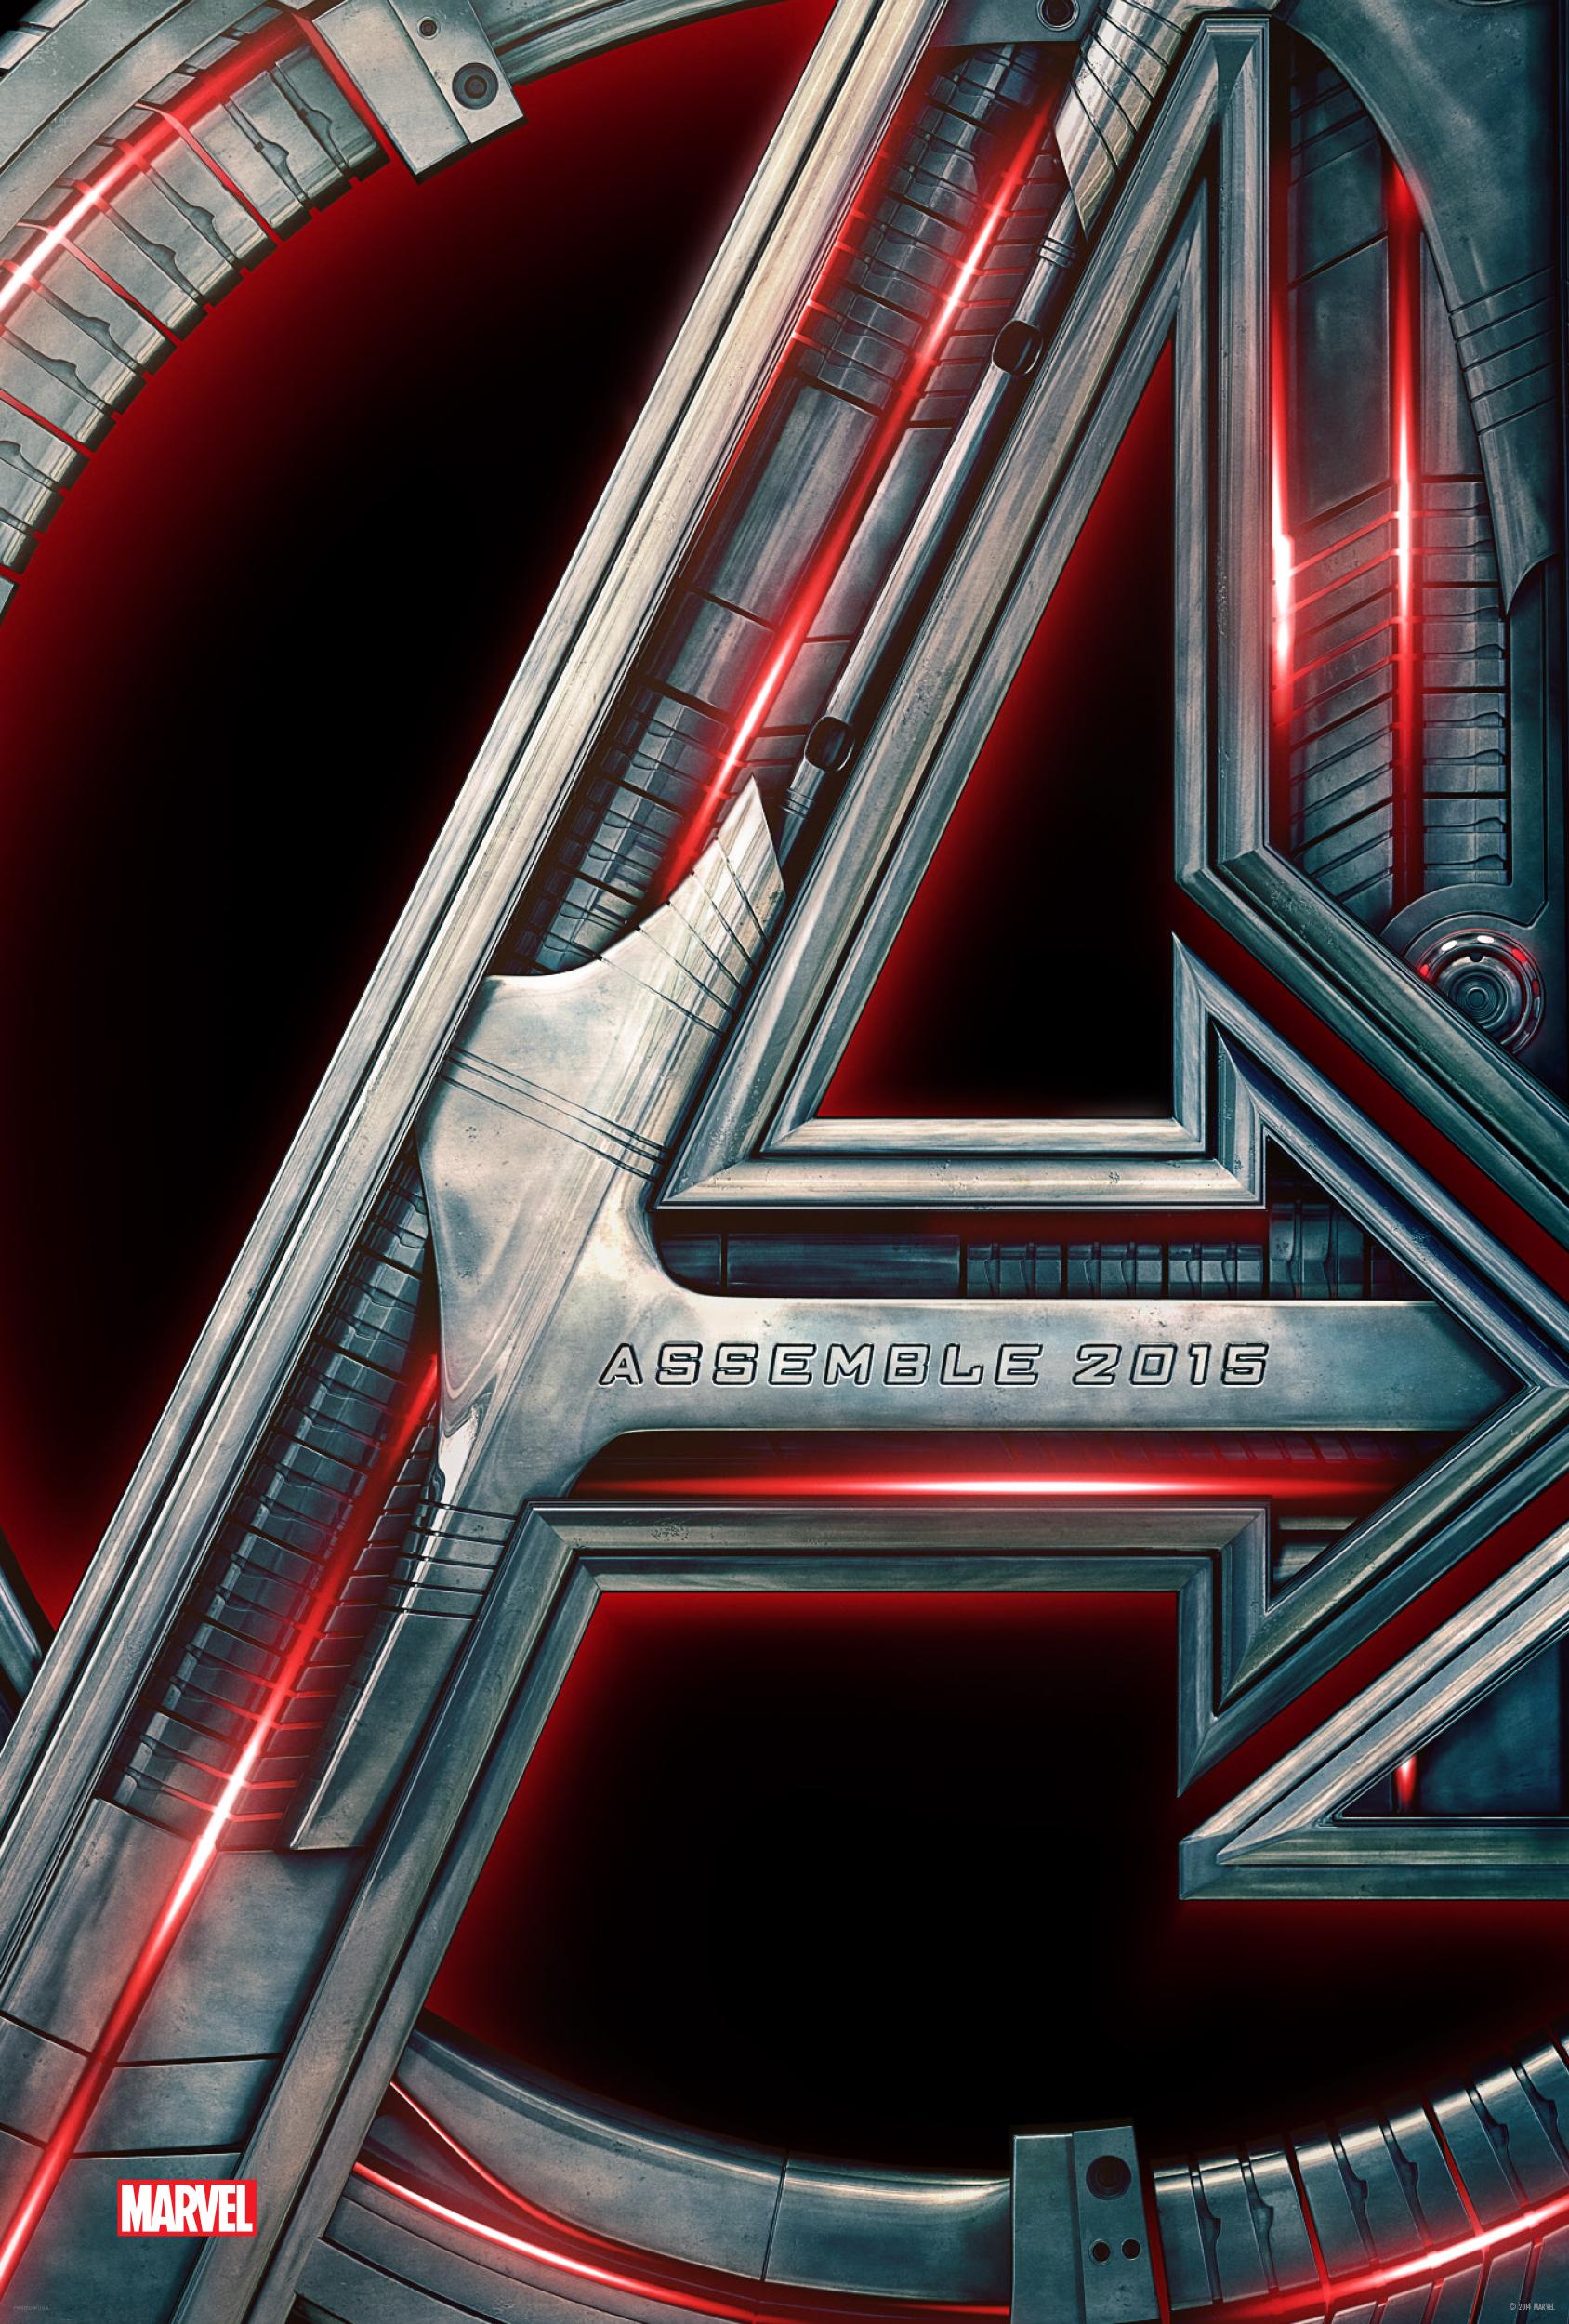 MARVEL'S AVENGERS: Age Of Ultron – Trailer